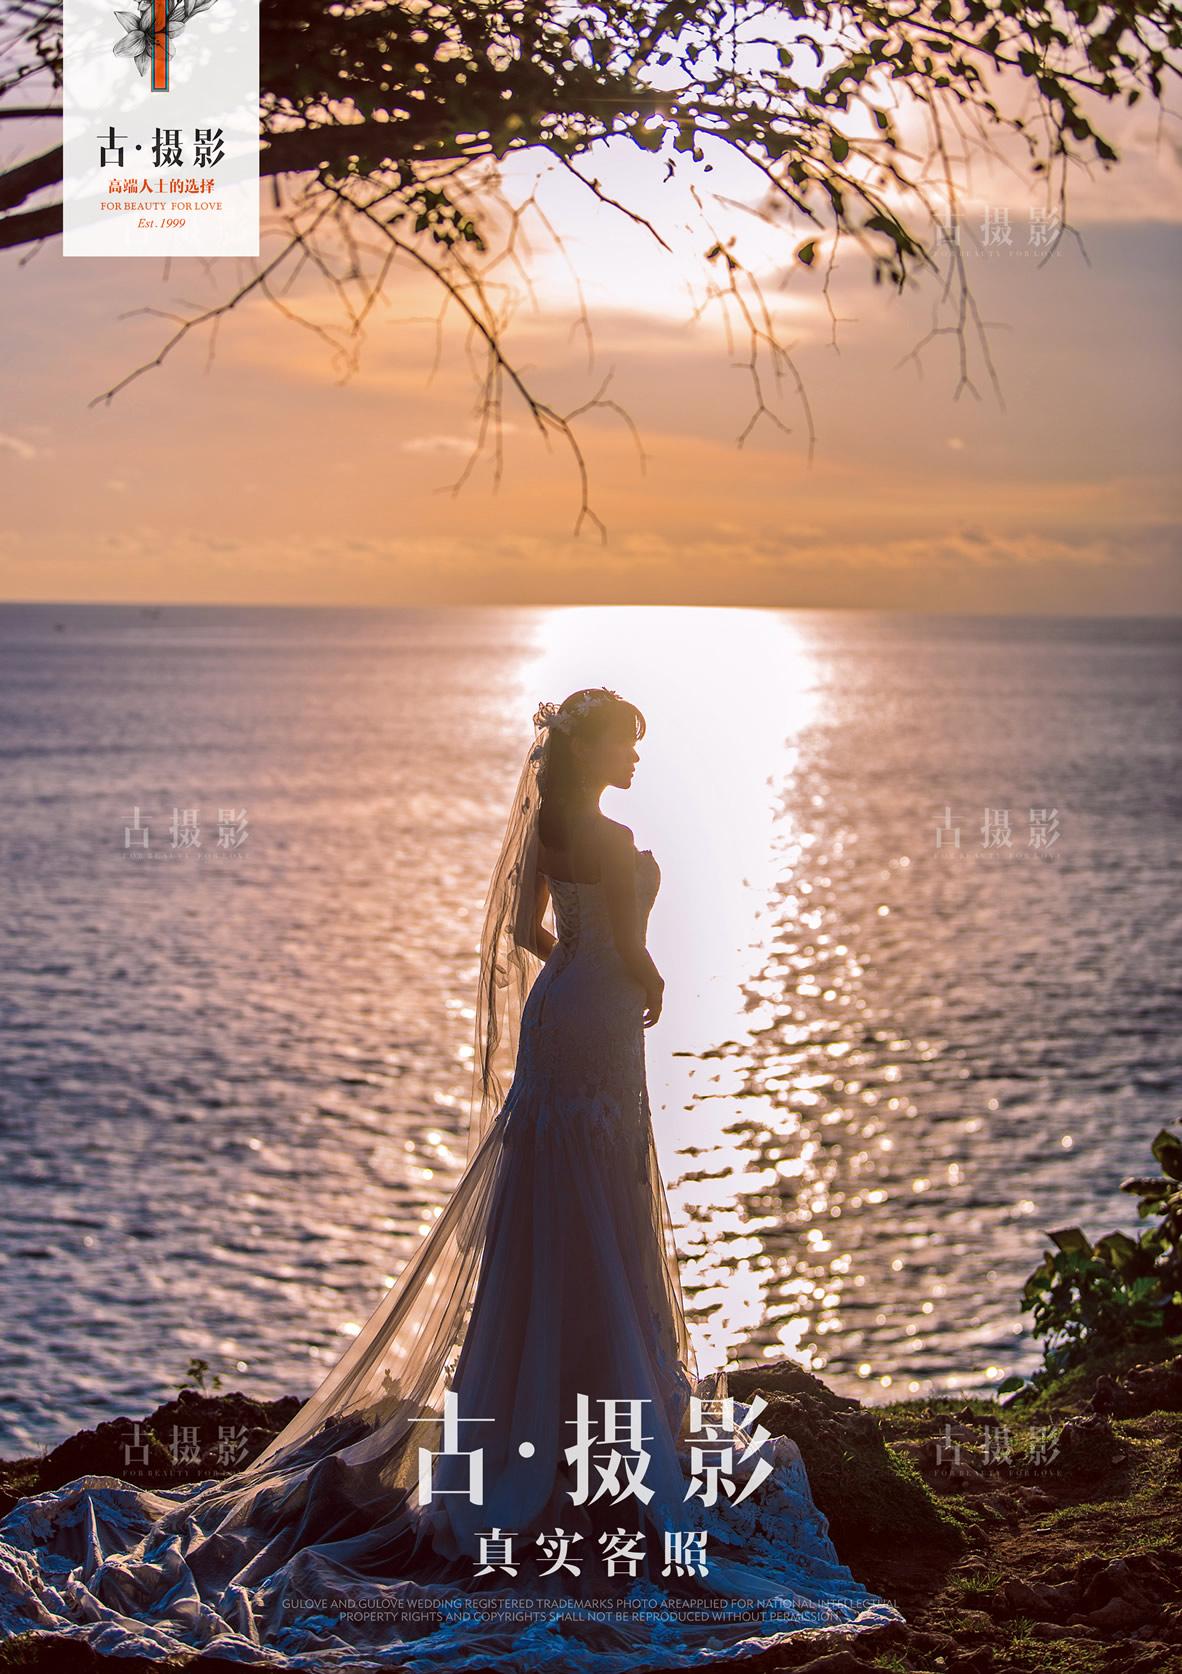 10月16日客片周先生 姝小姐 - 每日客照 - love昆明古摄影-昆明婚纱摄影网